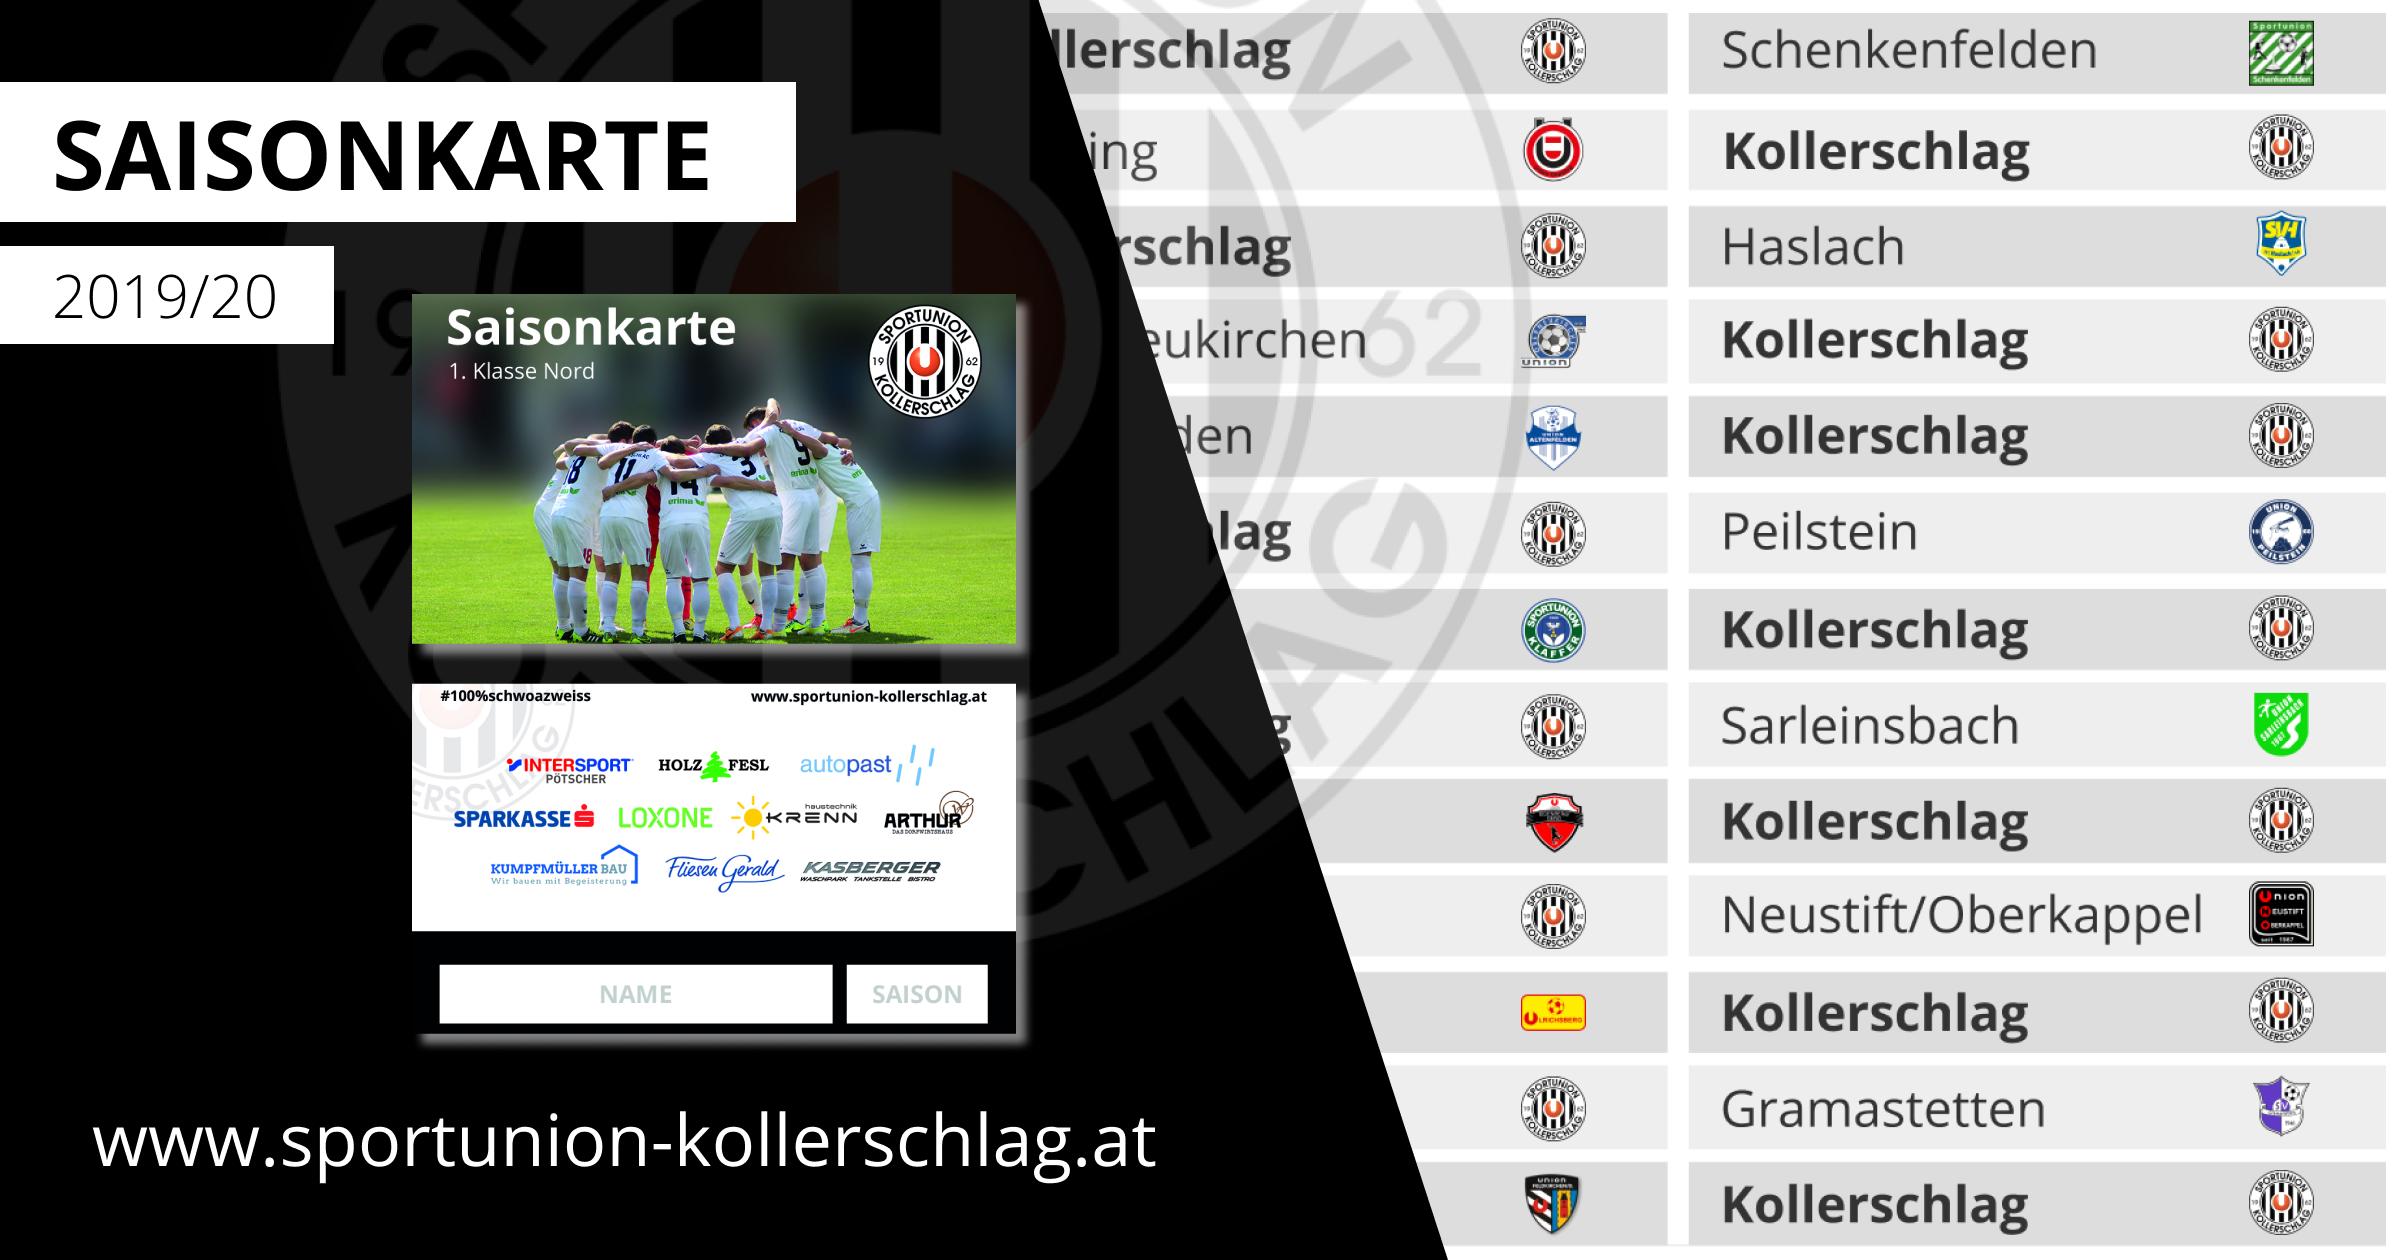 Die Saisonkarte für die Fußballsaion 2019/20 ist ab sofort erhältlich